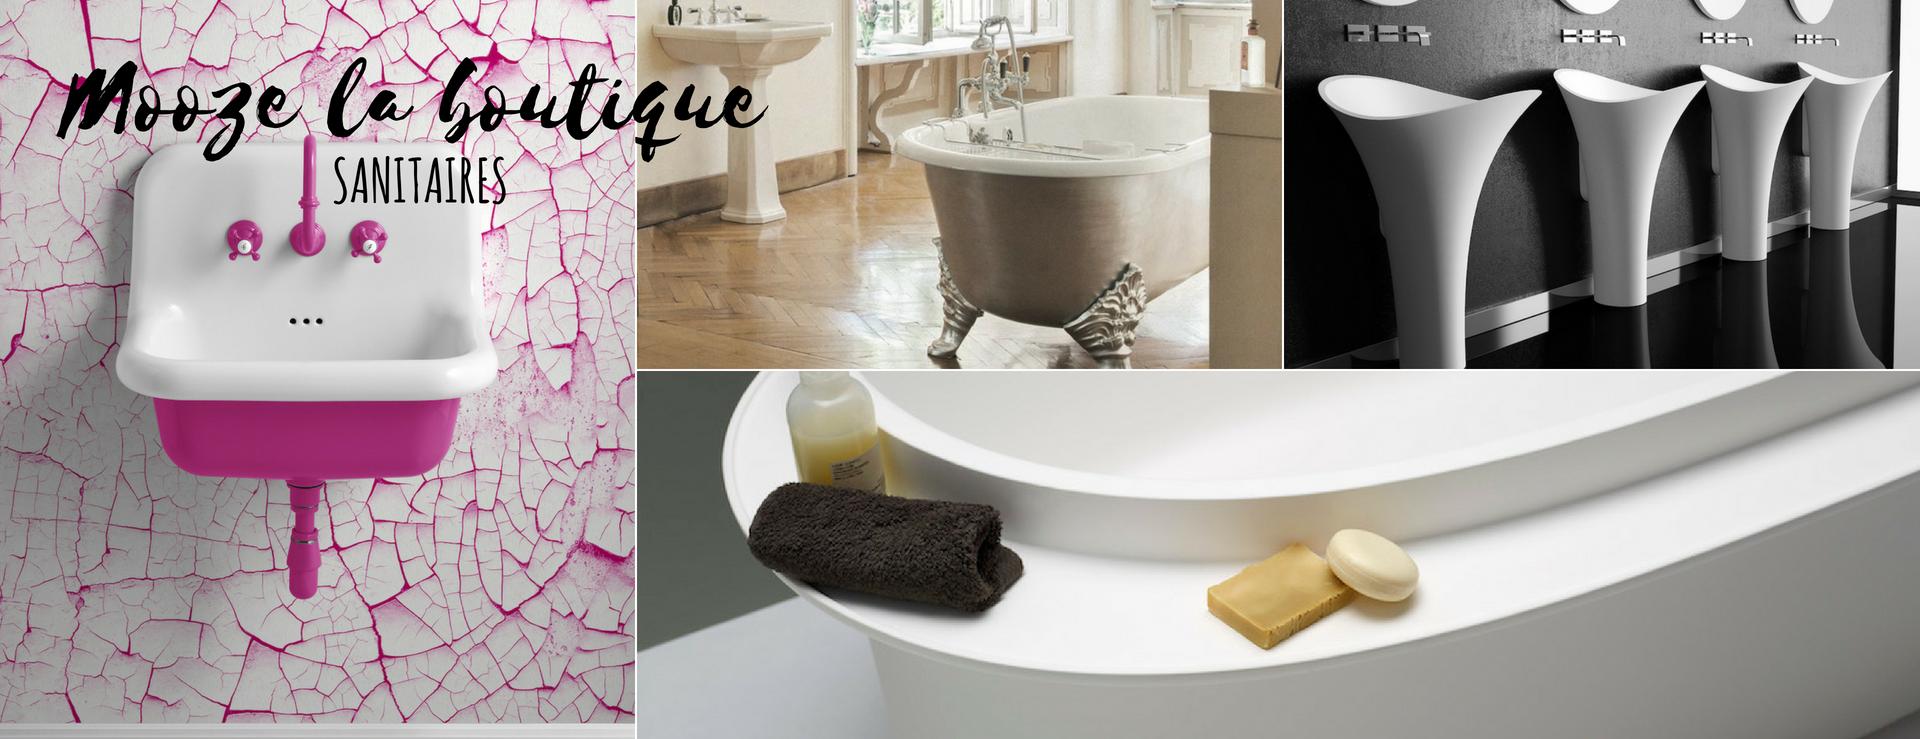 Silicone Acrylique Pour Salle De Bain sanitaires pour salle de bain haut de gamme - mooze la boutique